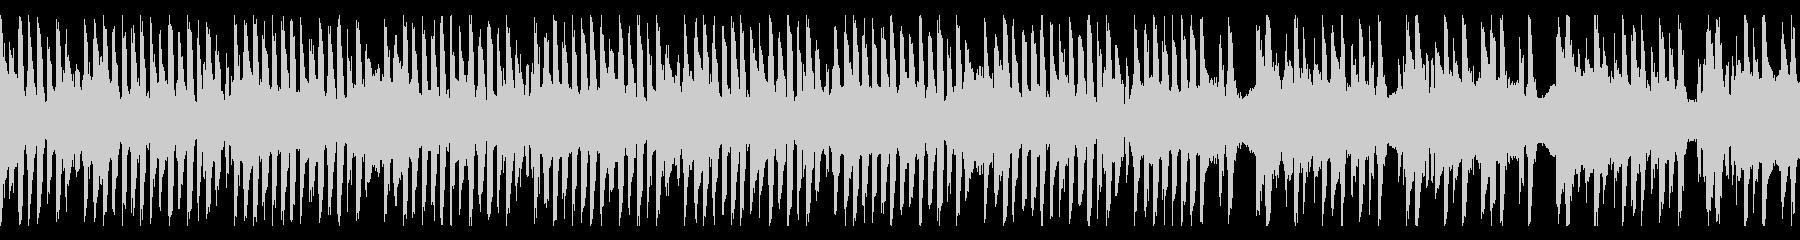 コミカルでボケ担当なループBGMの未再生の波形